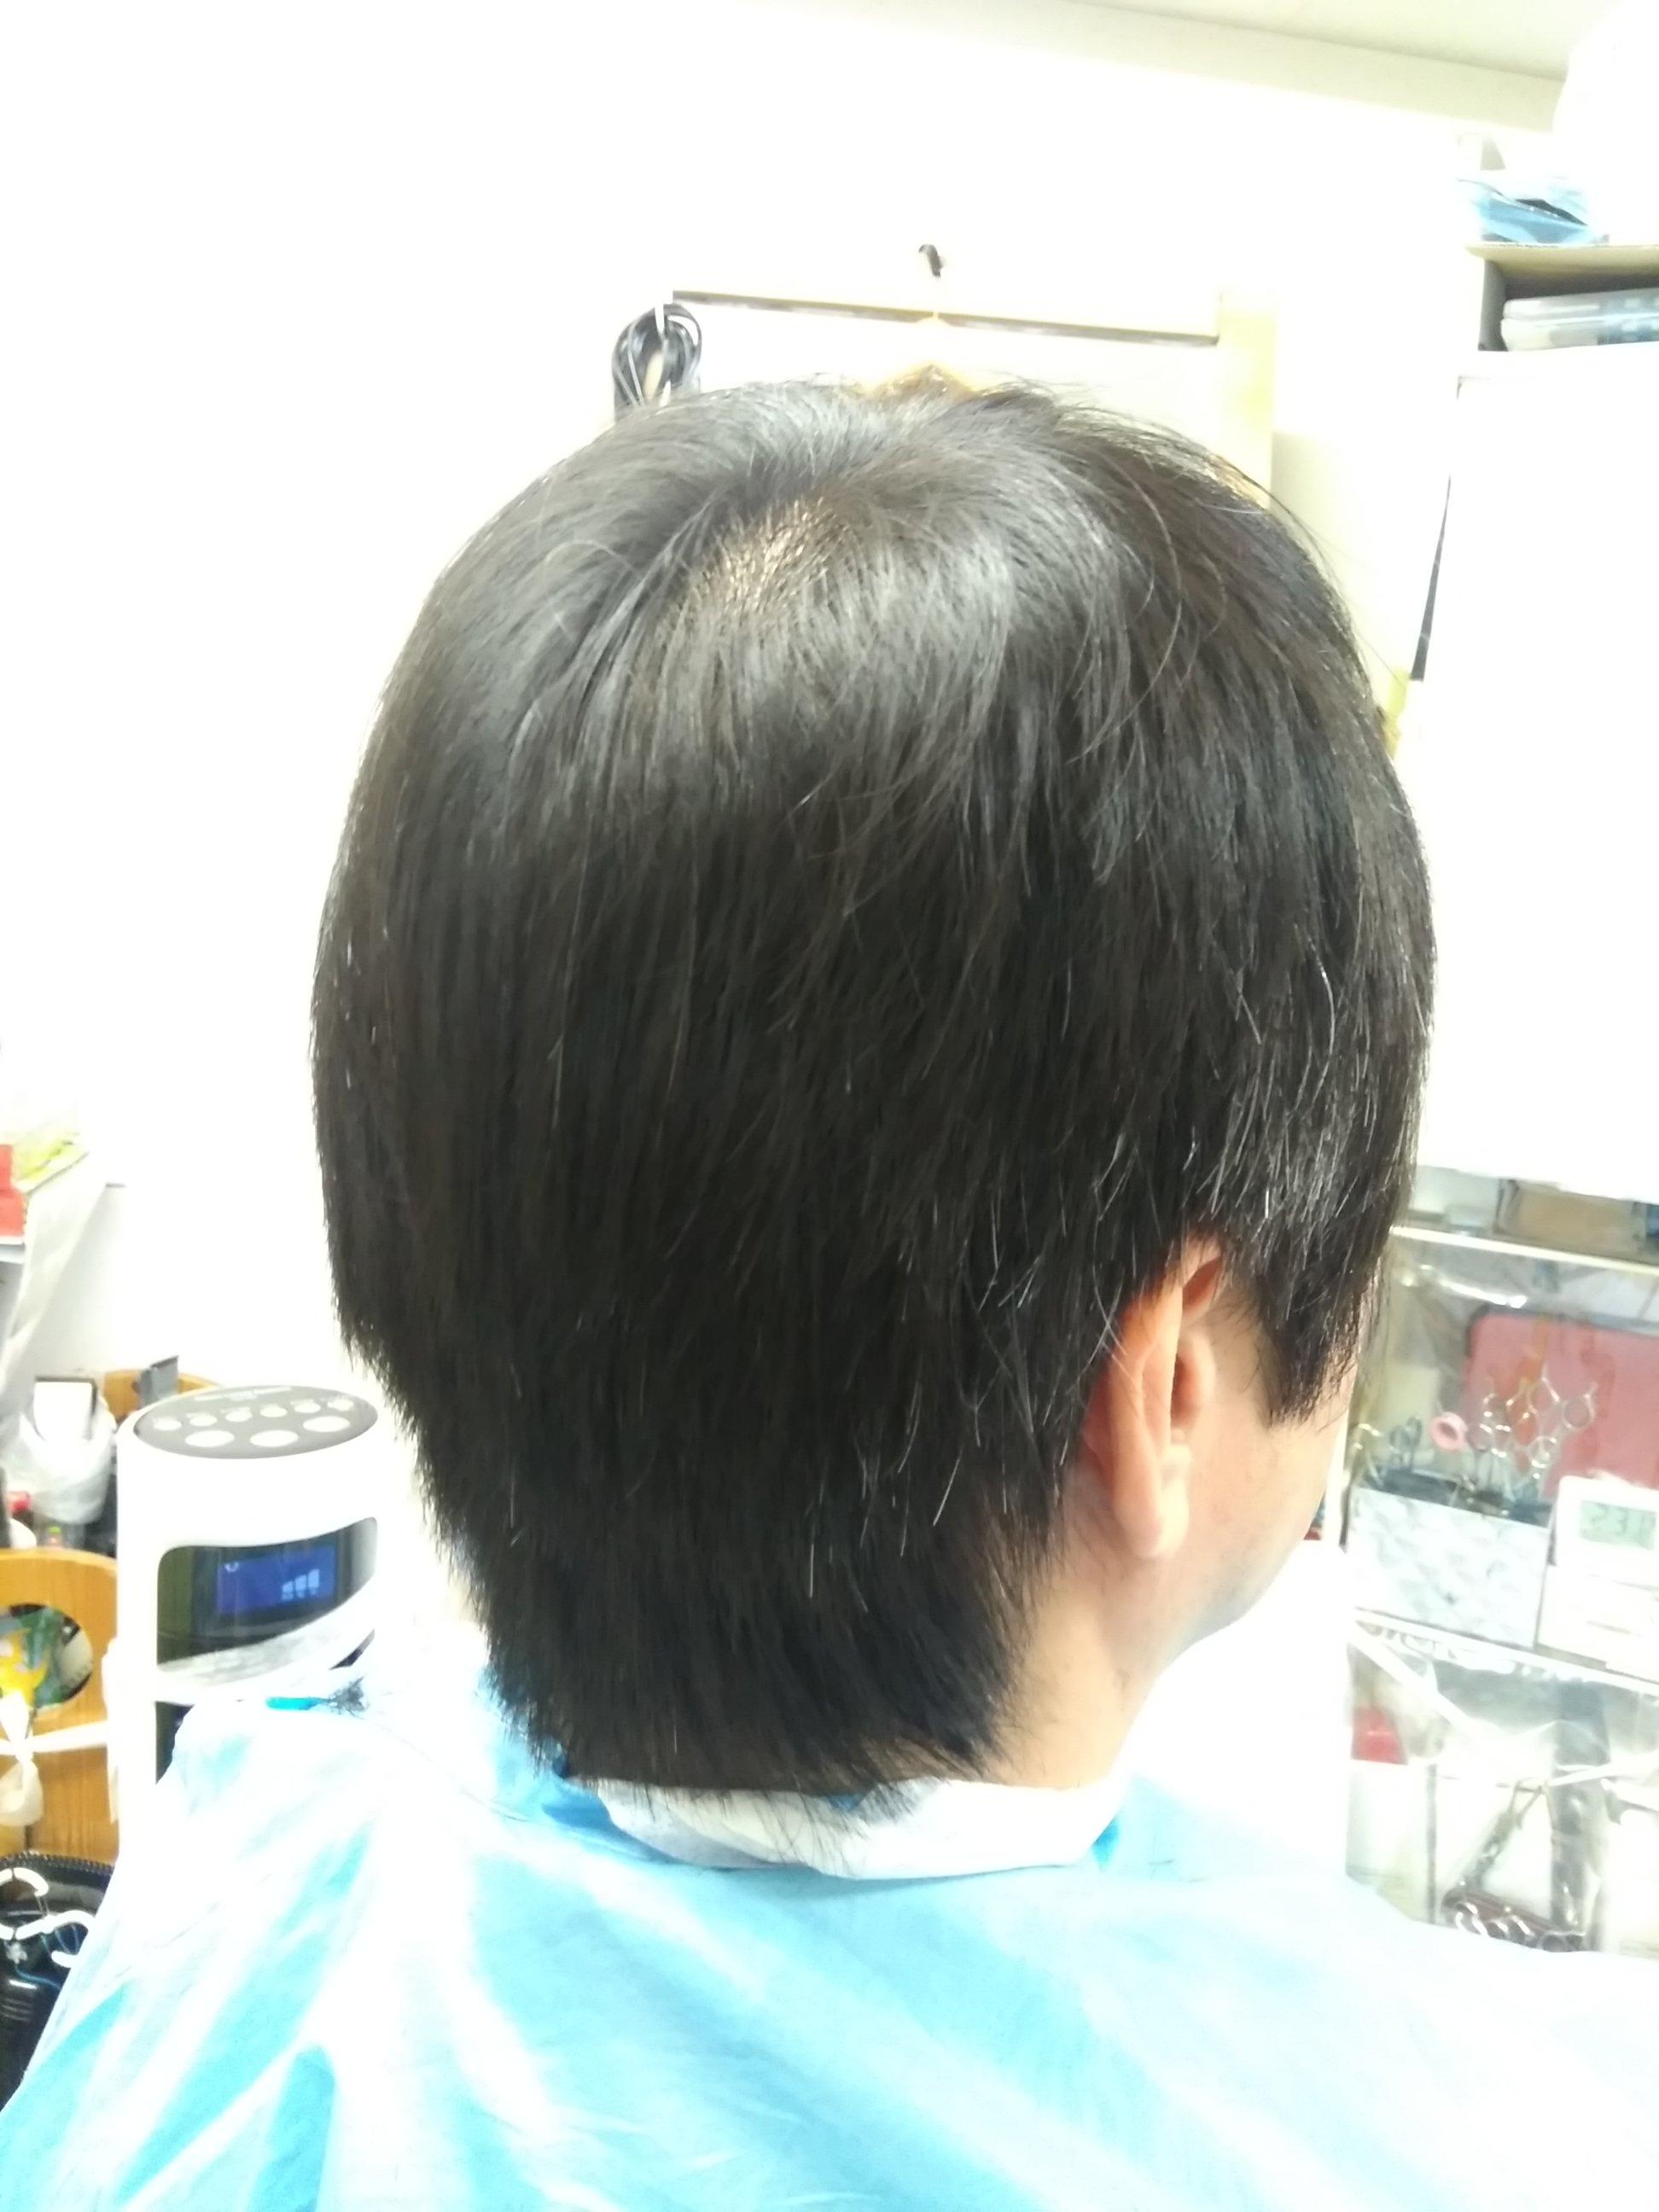 キュビズムカット くせ毛 ⑩ 210729